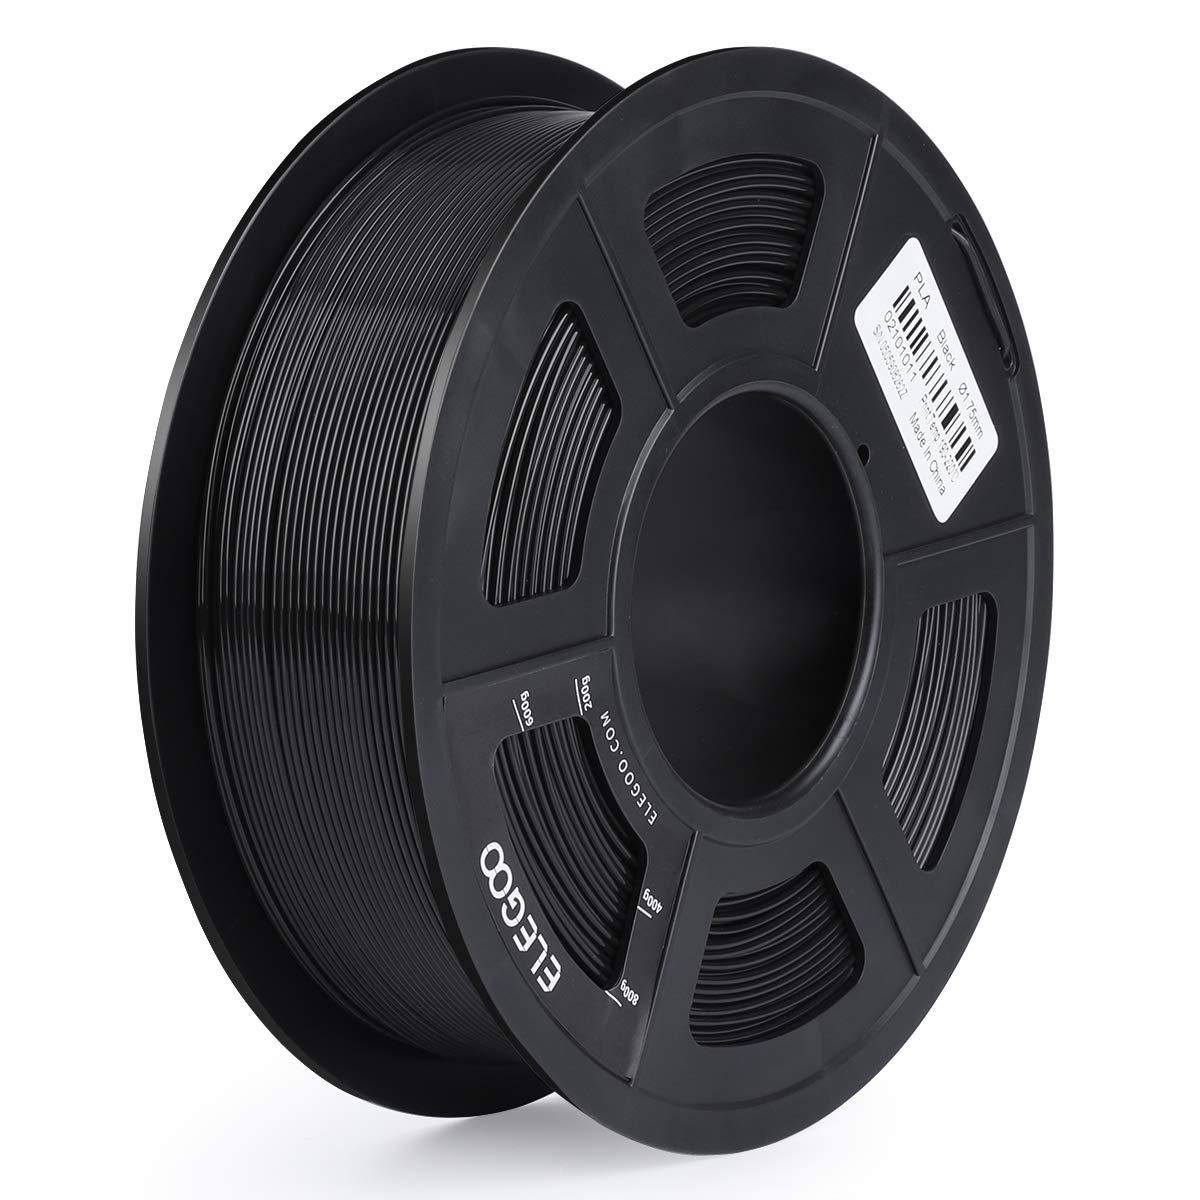 ELEGOO black filament